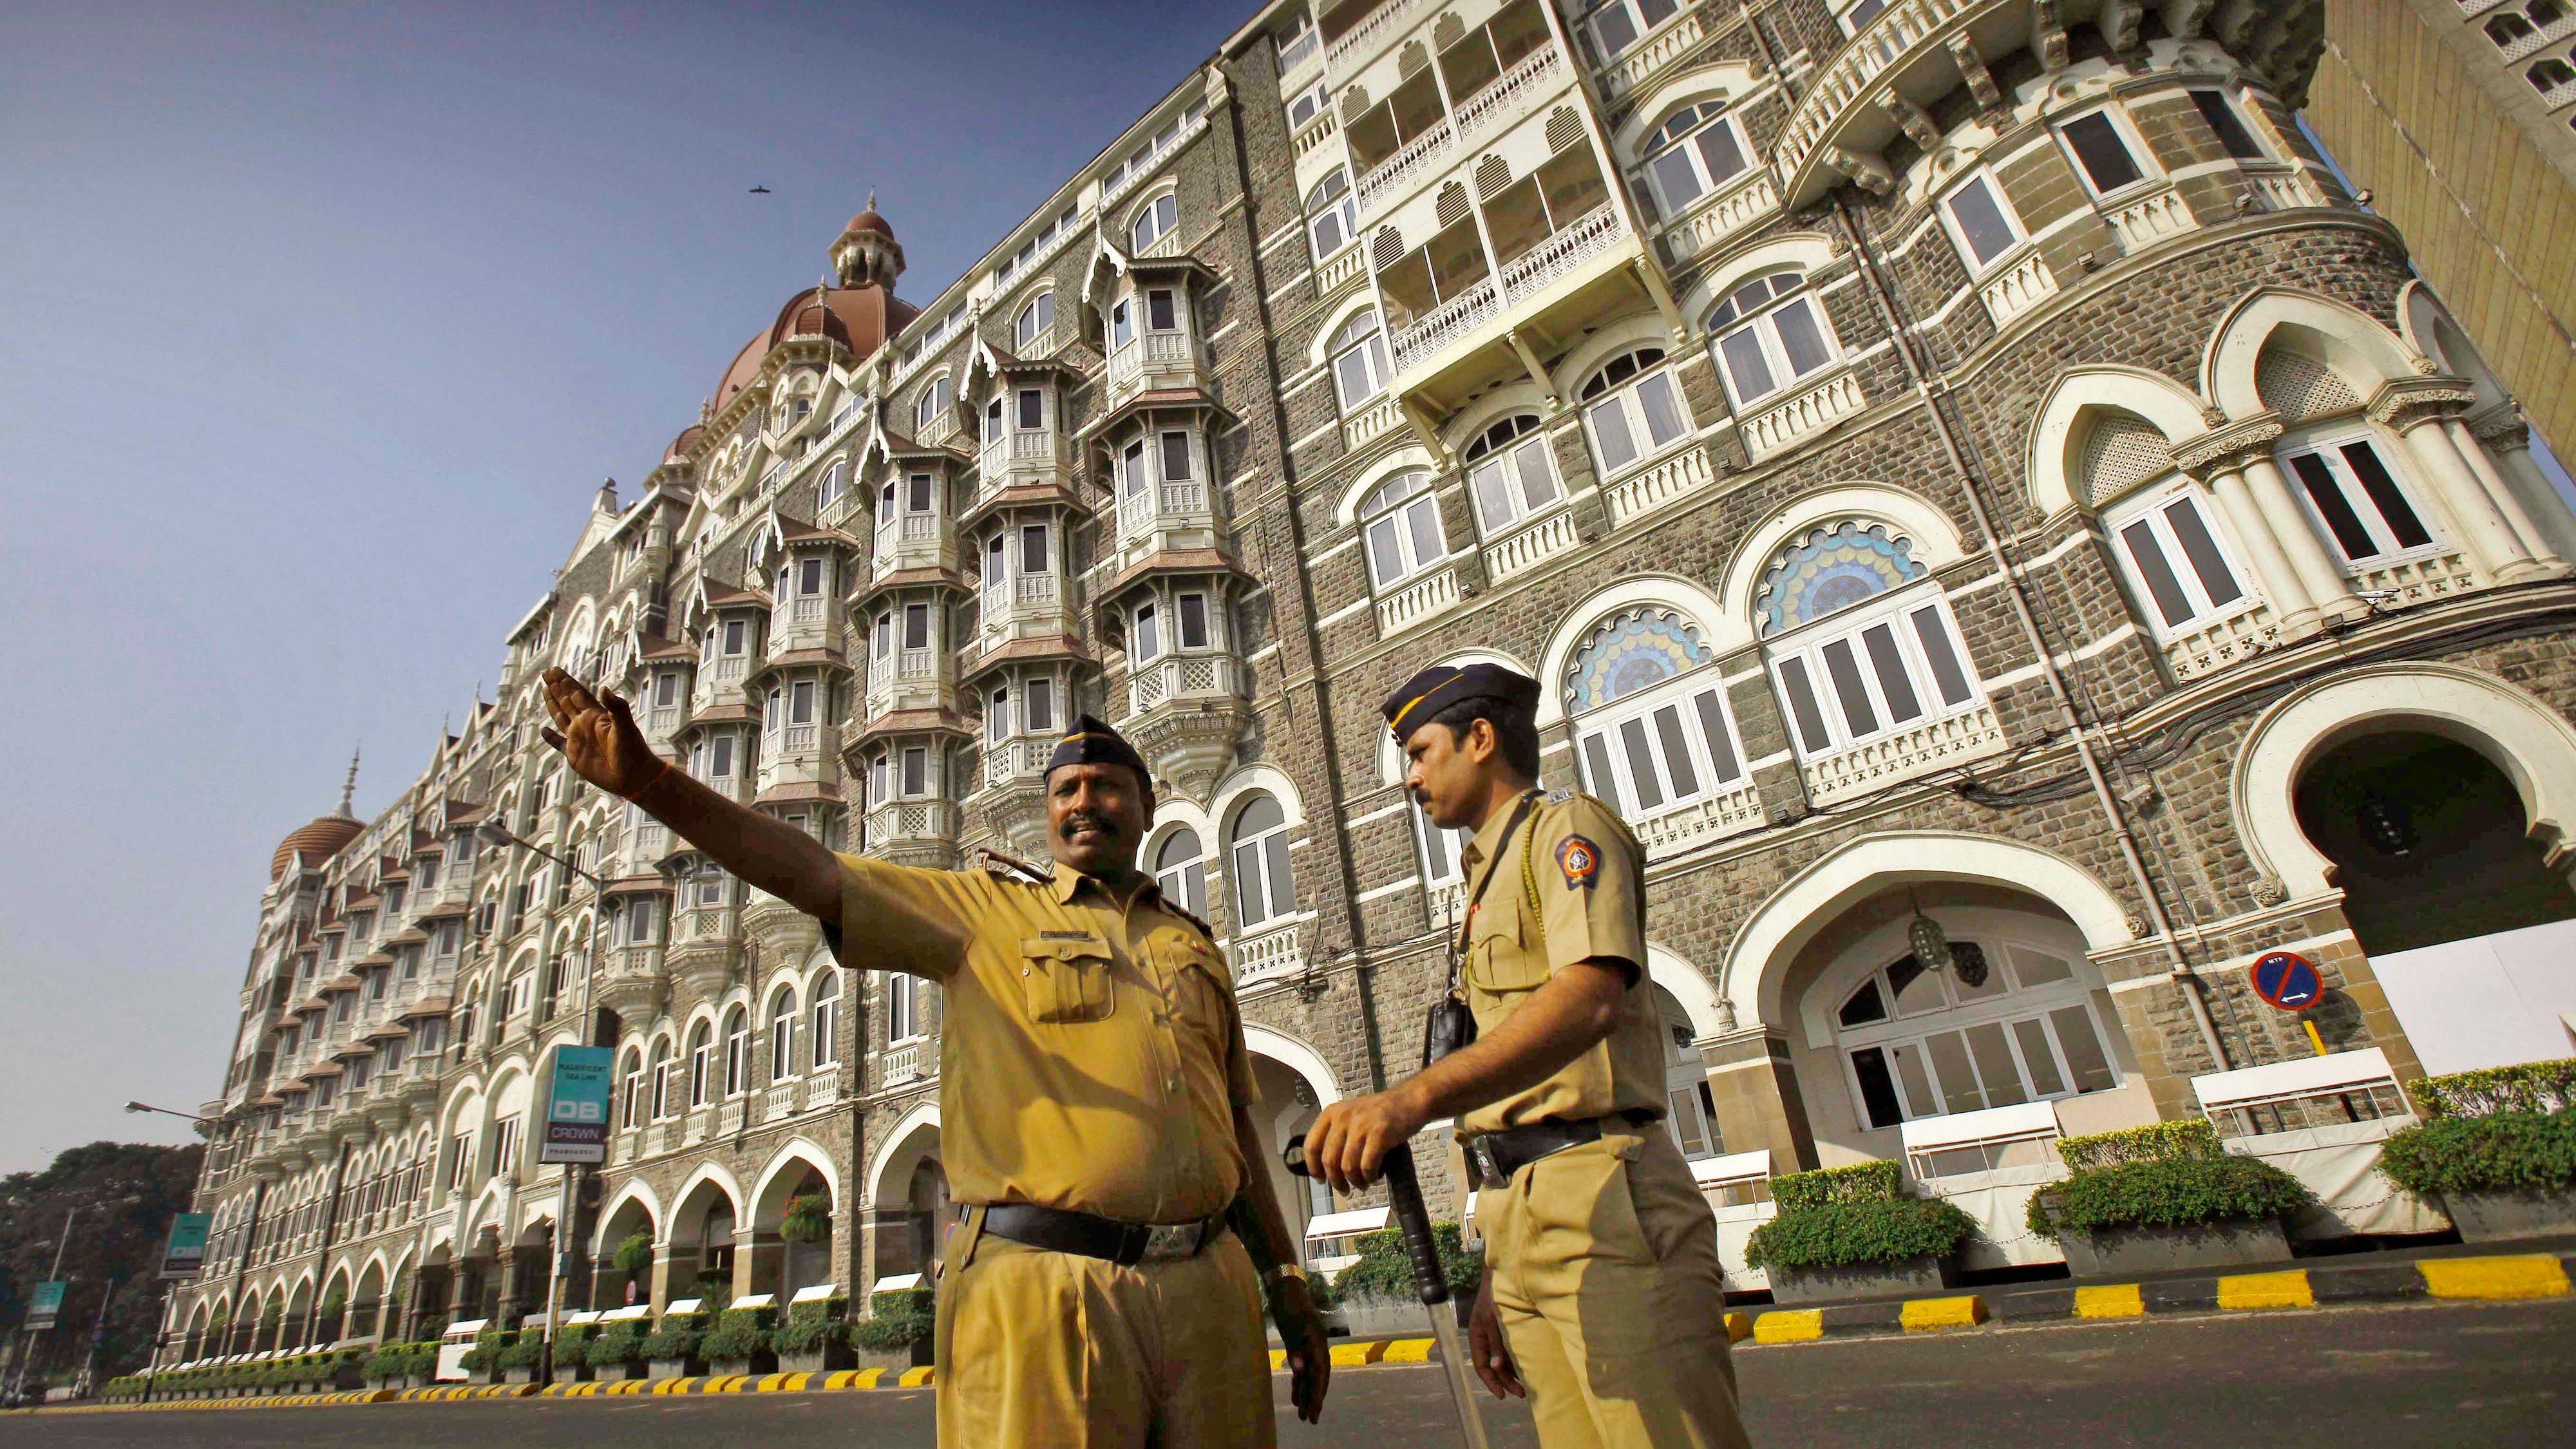 IPL 2018 qualification scenarios: What if Mumbai Indians beat Kings XI Punjab?